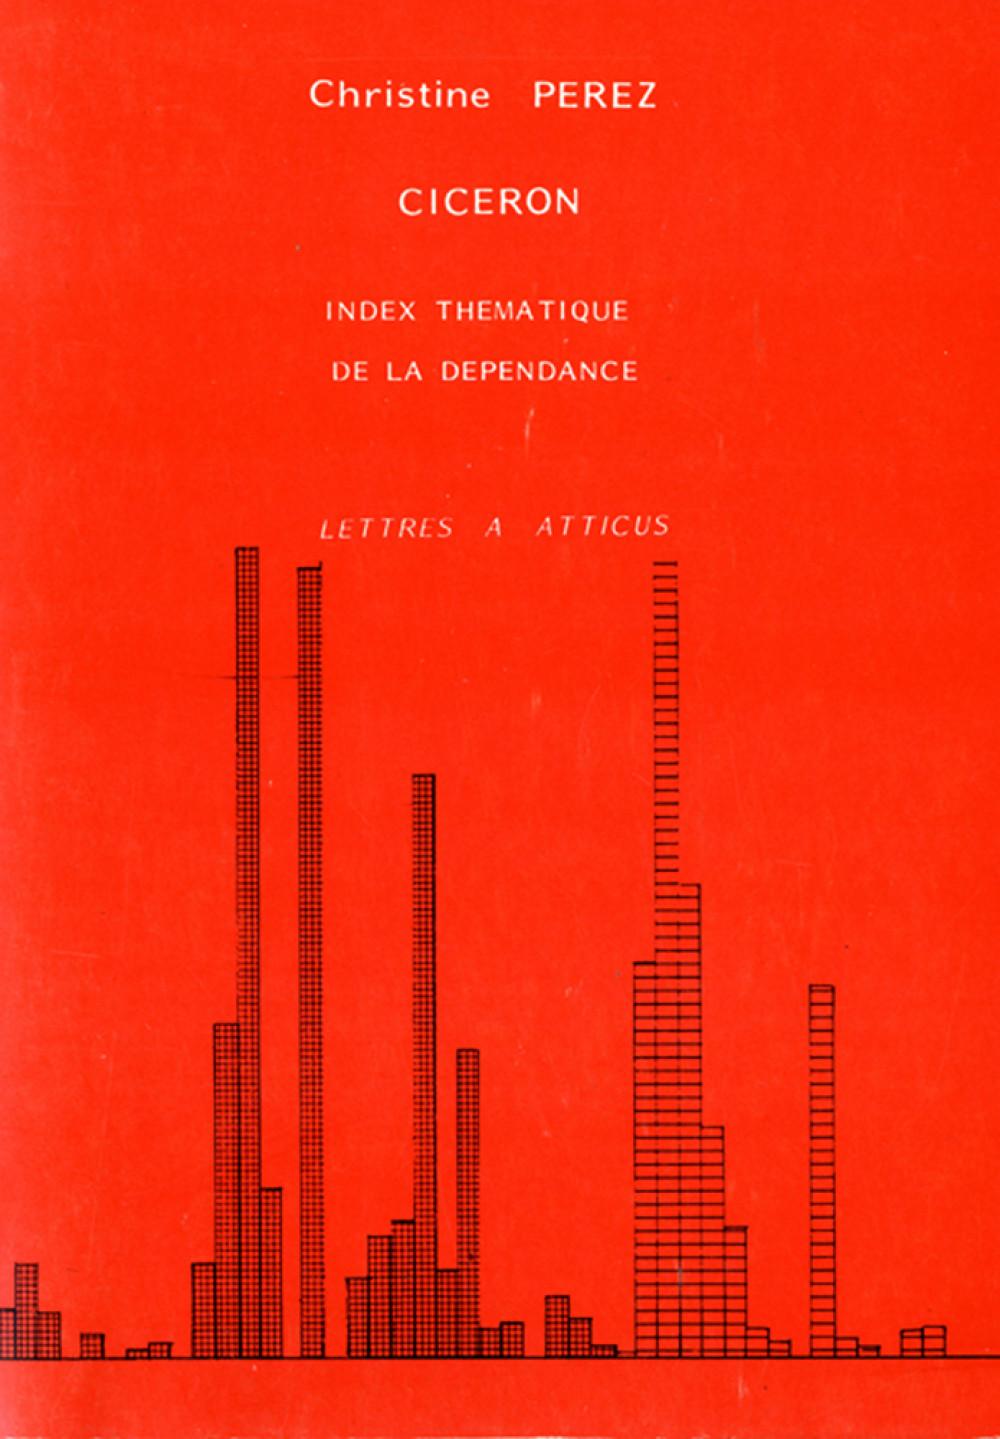 Cicéron. Lettres à Atticus. Index thématique des références à l'esclavage et à la dépendance vol. 2